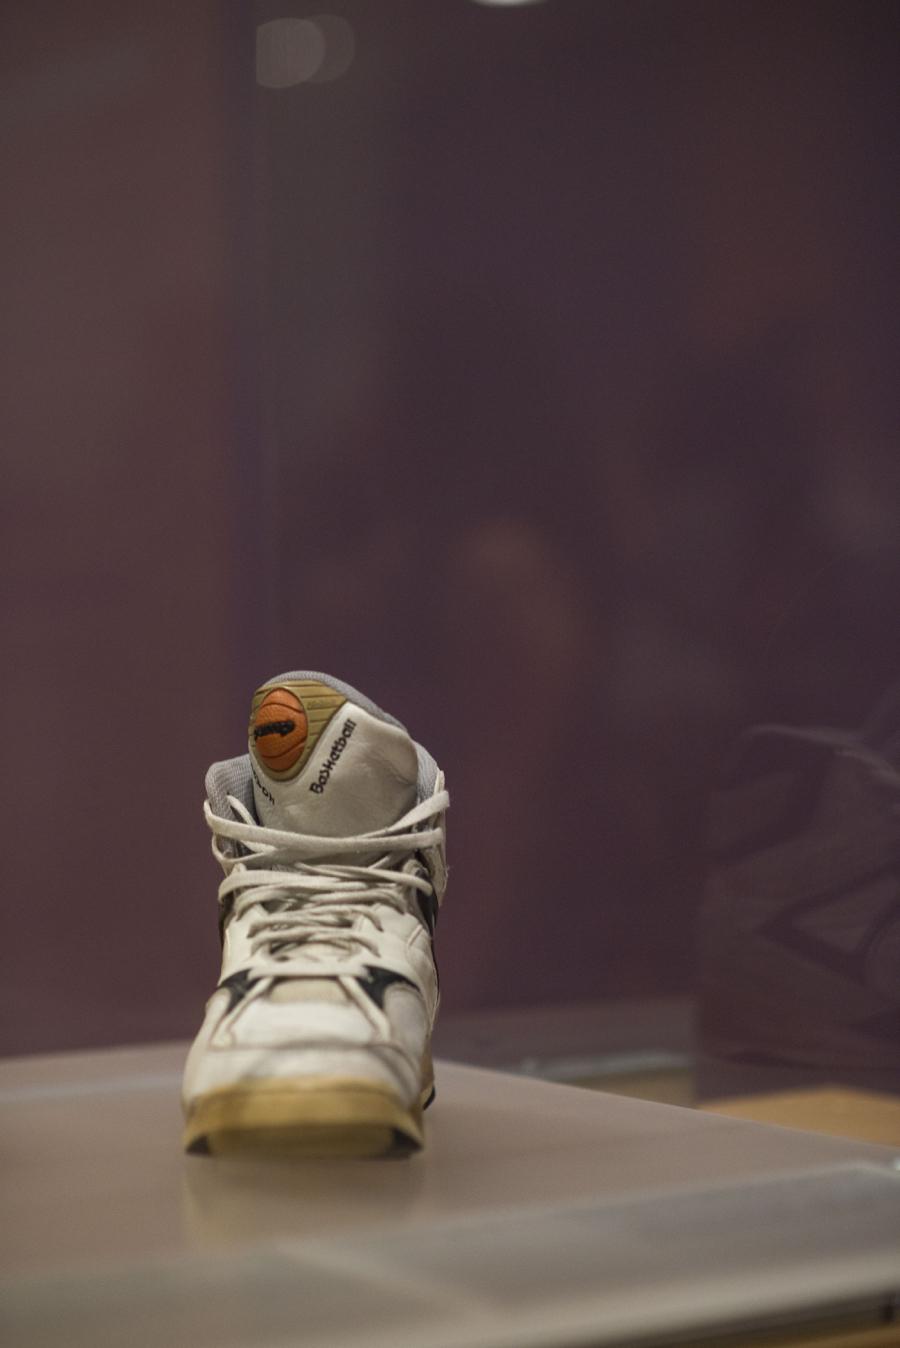 rise-of-sneaker-culture_7